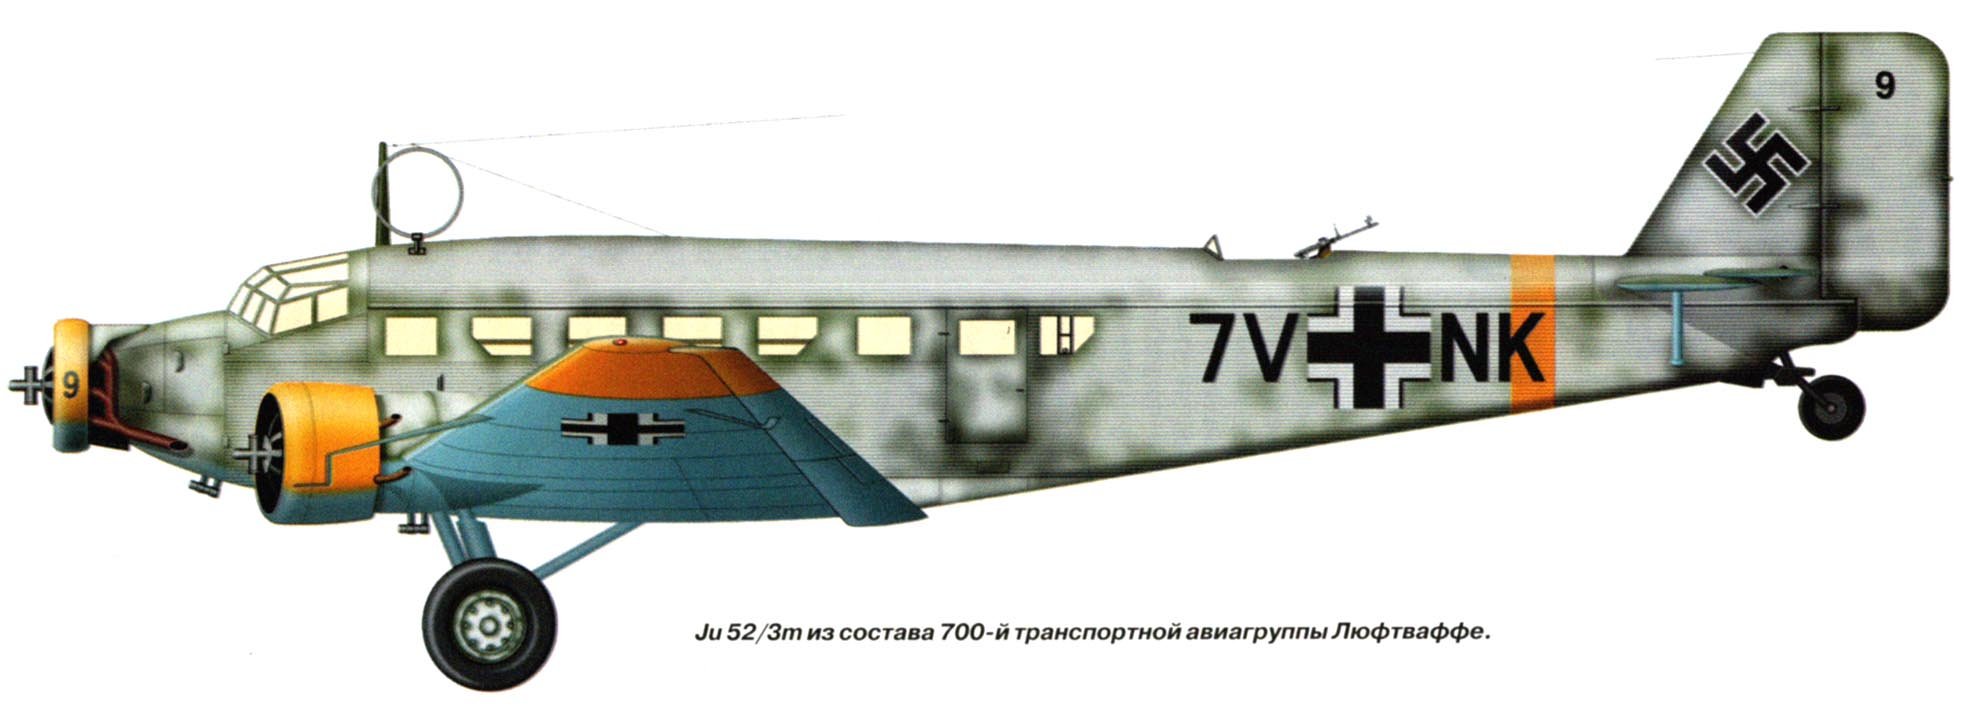 Ju-52/3m из состава 700-й транспортной авиагруппы Люфтваффе